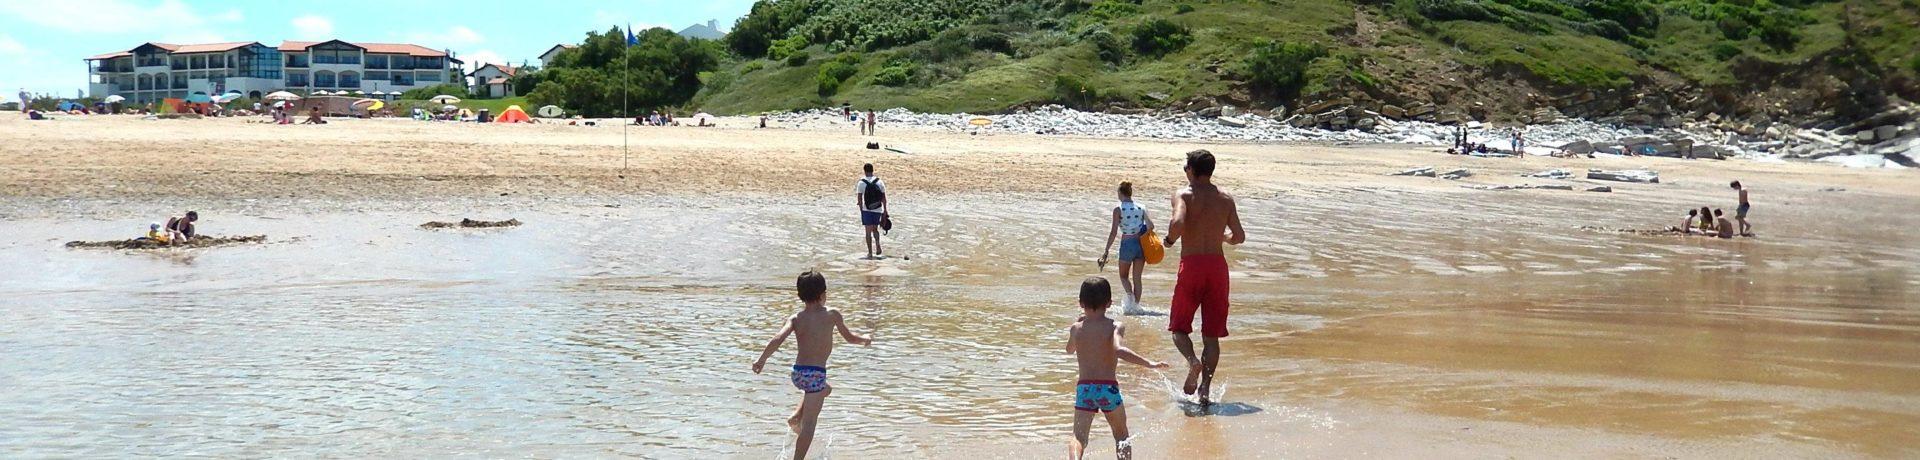 Camping Harrobia is een kleinschalige familiecamping met zwembad in het Zuidwesten van Frankrijk. Camping ligt vlakbij de zee in een bosrijk gebied.